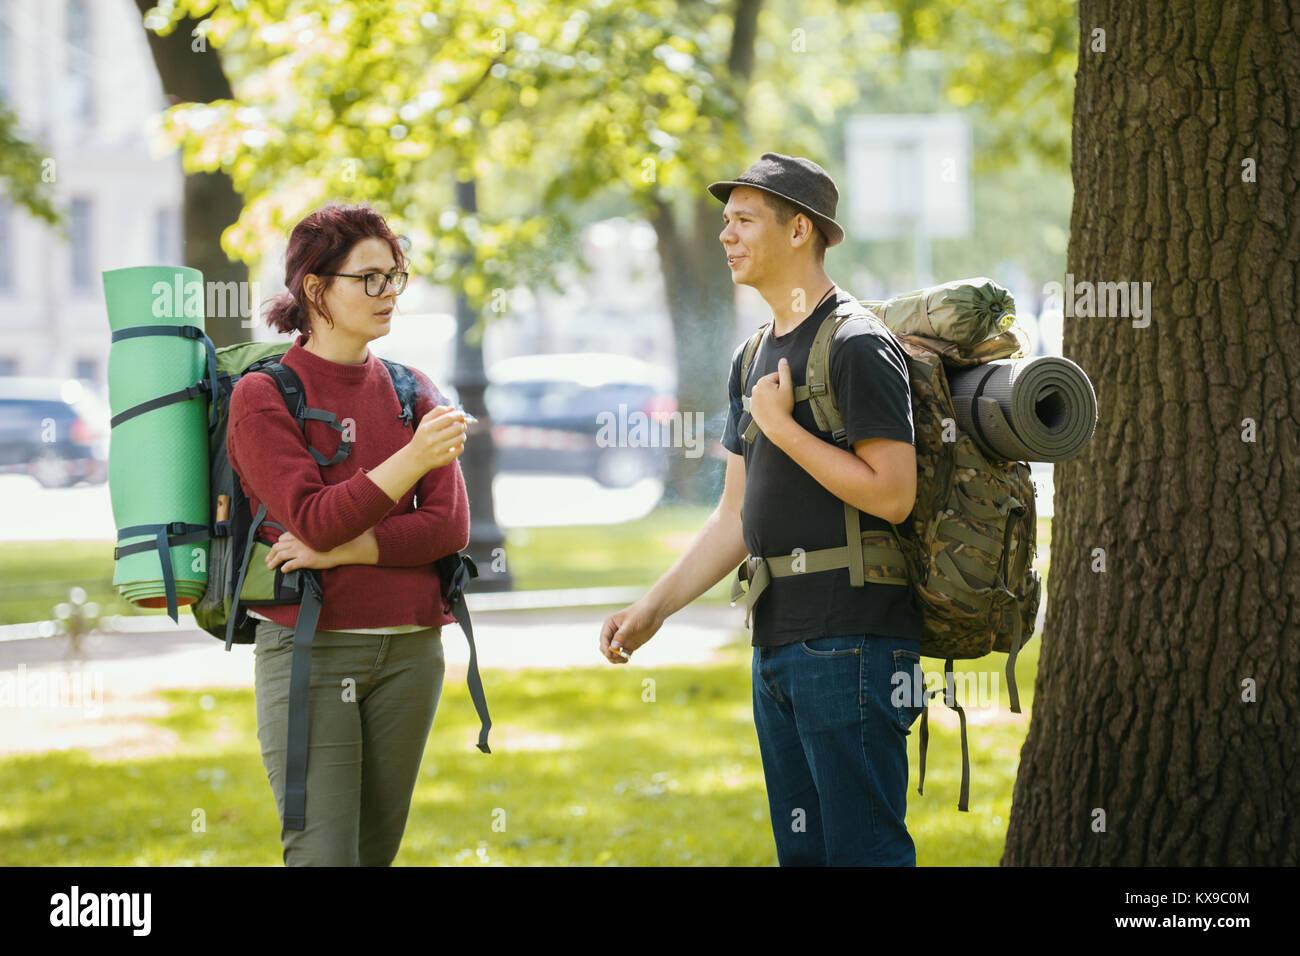 Gli adolescenti i turisti con zaini - fumatori e in piedi nel parco in estate mezzogiorno Immagini Stock